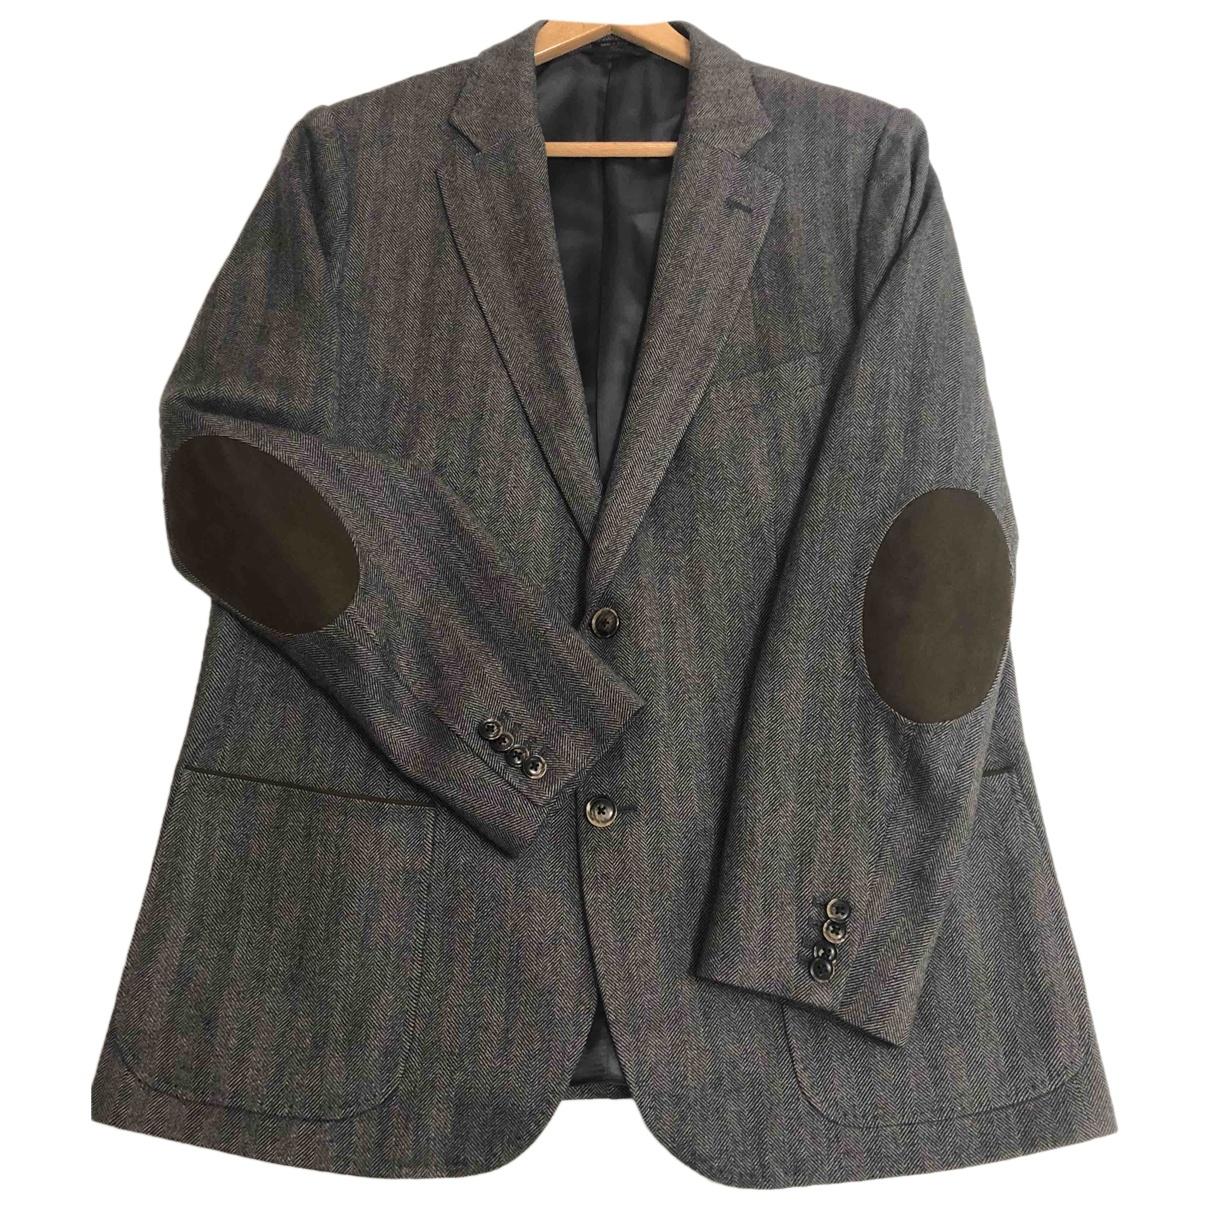 Massimo Dutti - Vestes.Blousons   pour homme en laine - gris